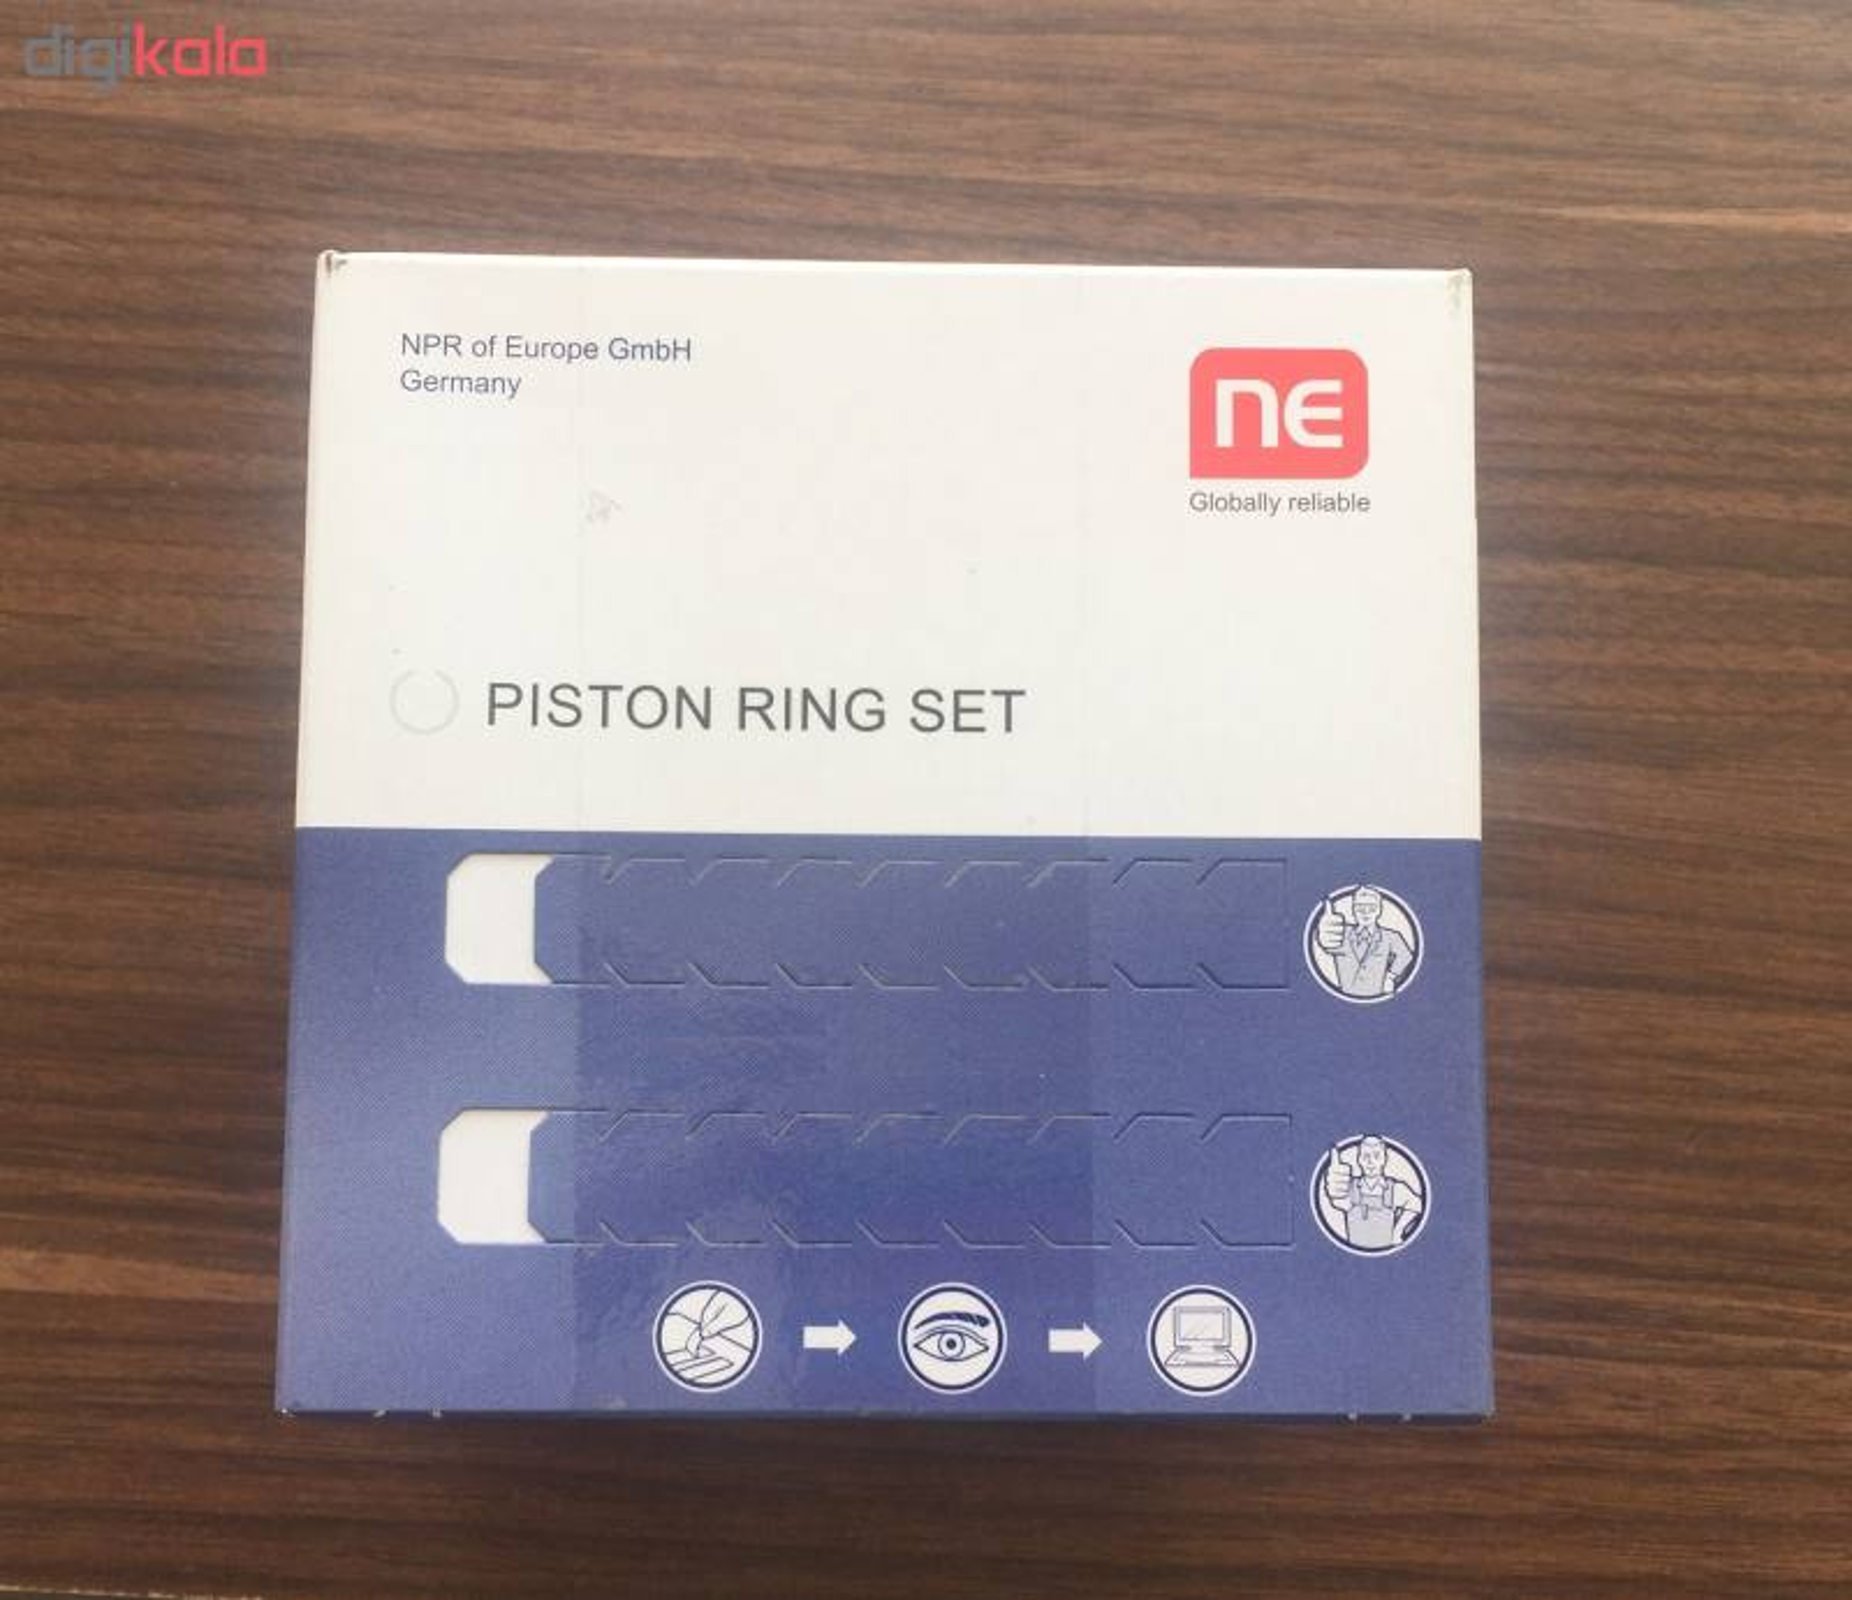 رینگ موتور NE کد 8937250000 مناسب برای پژو 405 و پارس main 1 1